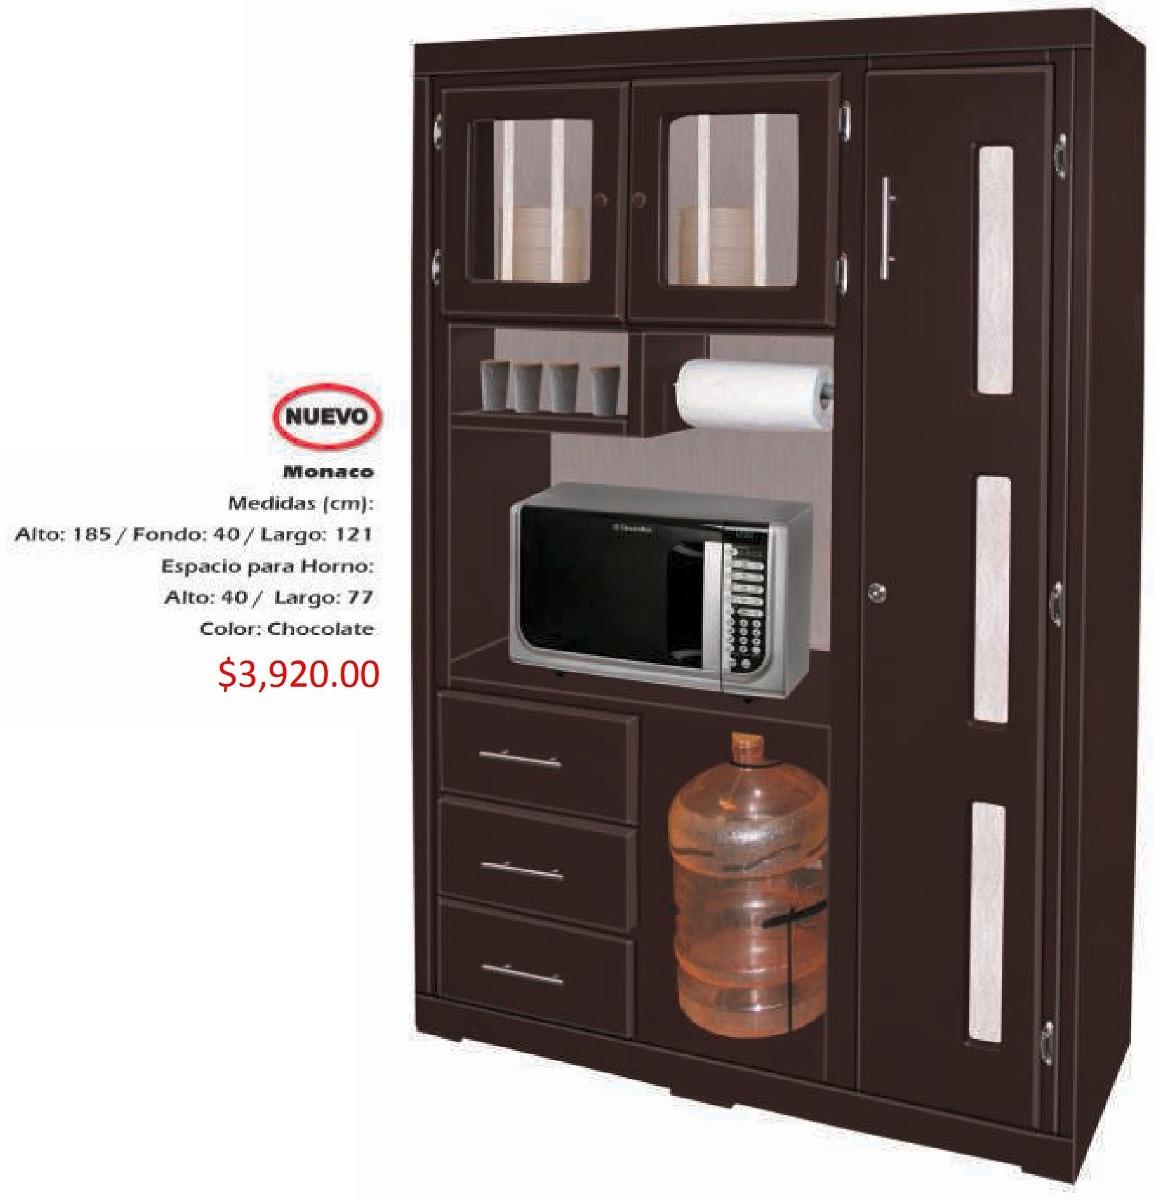 Mueble para cocina modelo monaco 3 en mercado libre for Muebles plateros cocina